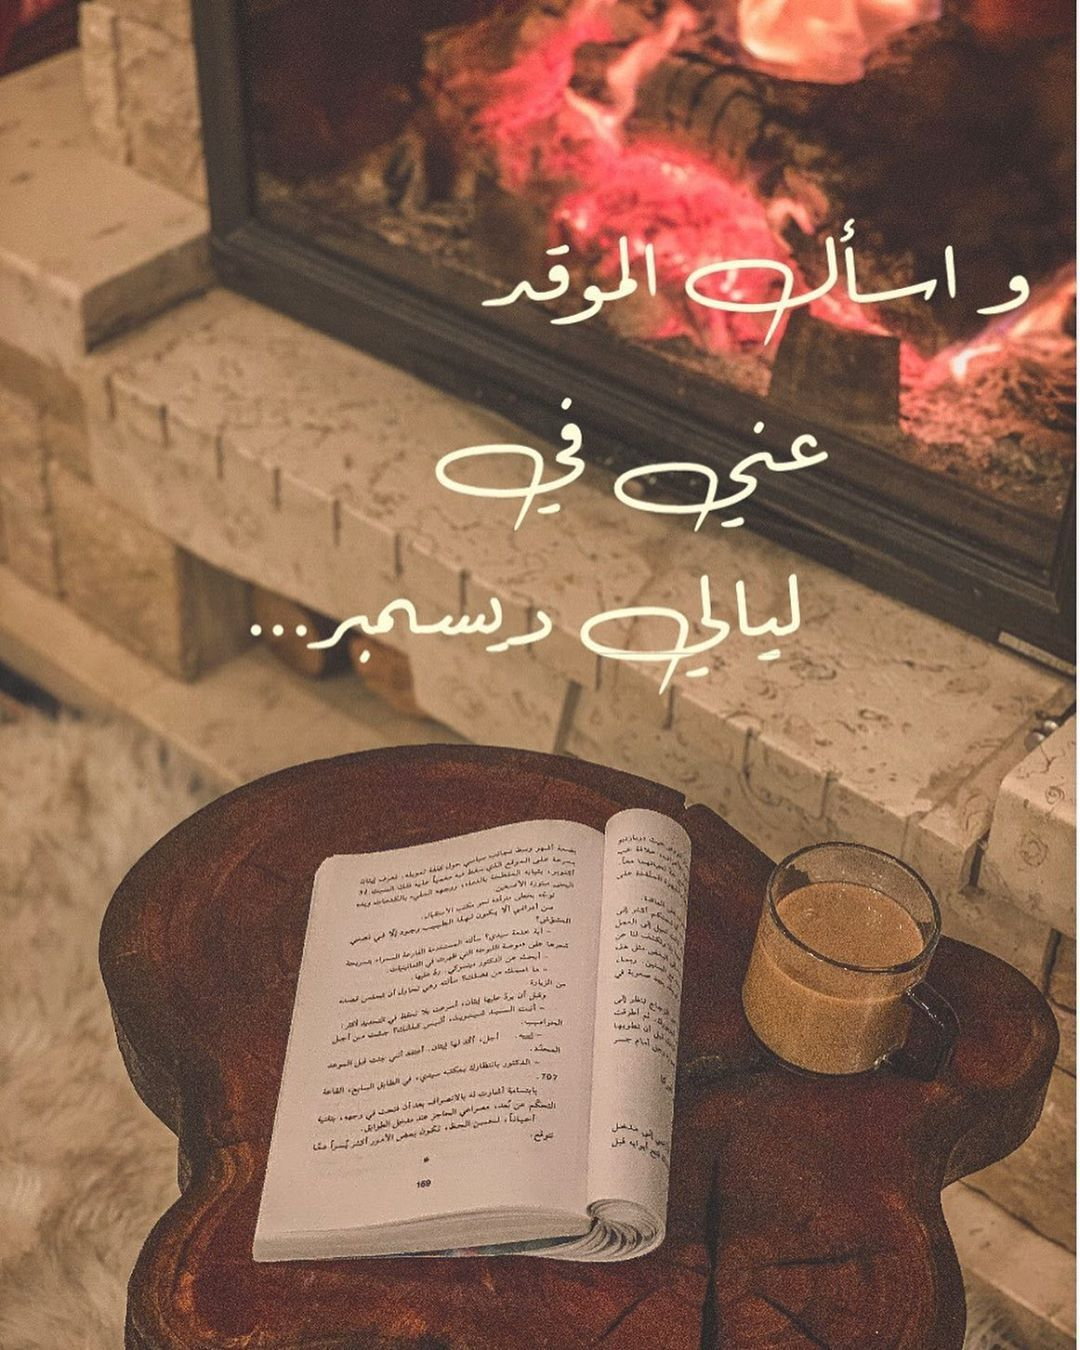 و اسأل الموقد عن ي في ليالي ديسمبر رجعت الشتوية ليالي لبنان لبنان ليالي ديسمبر شتاء دافئ اقتباسات كتاب كتب قراءة